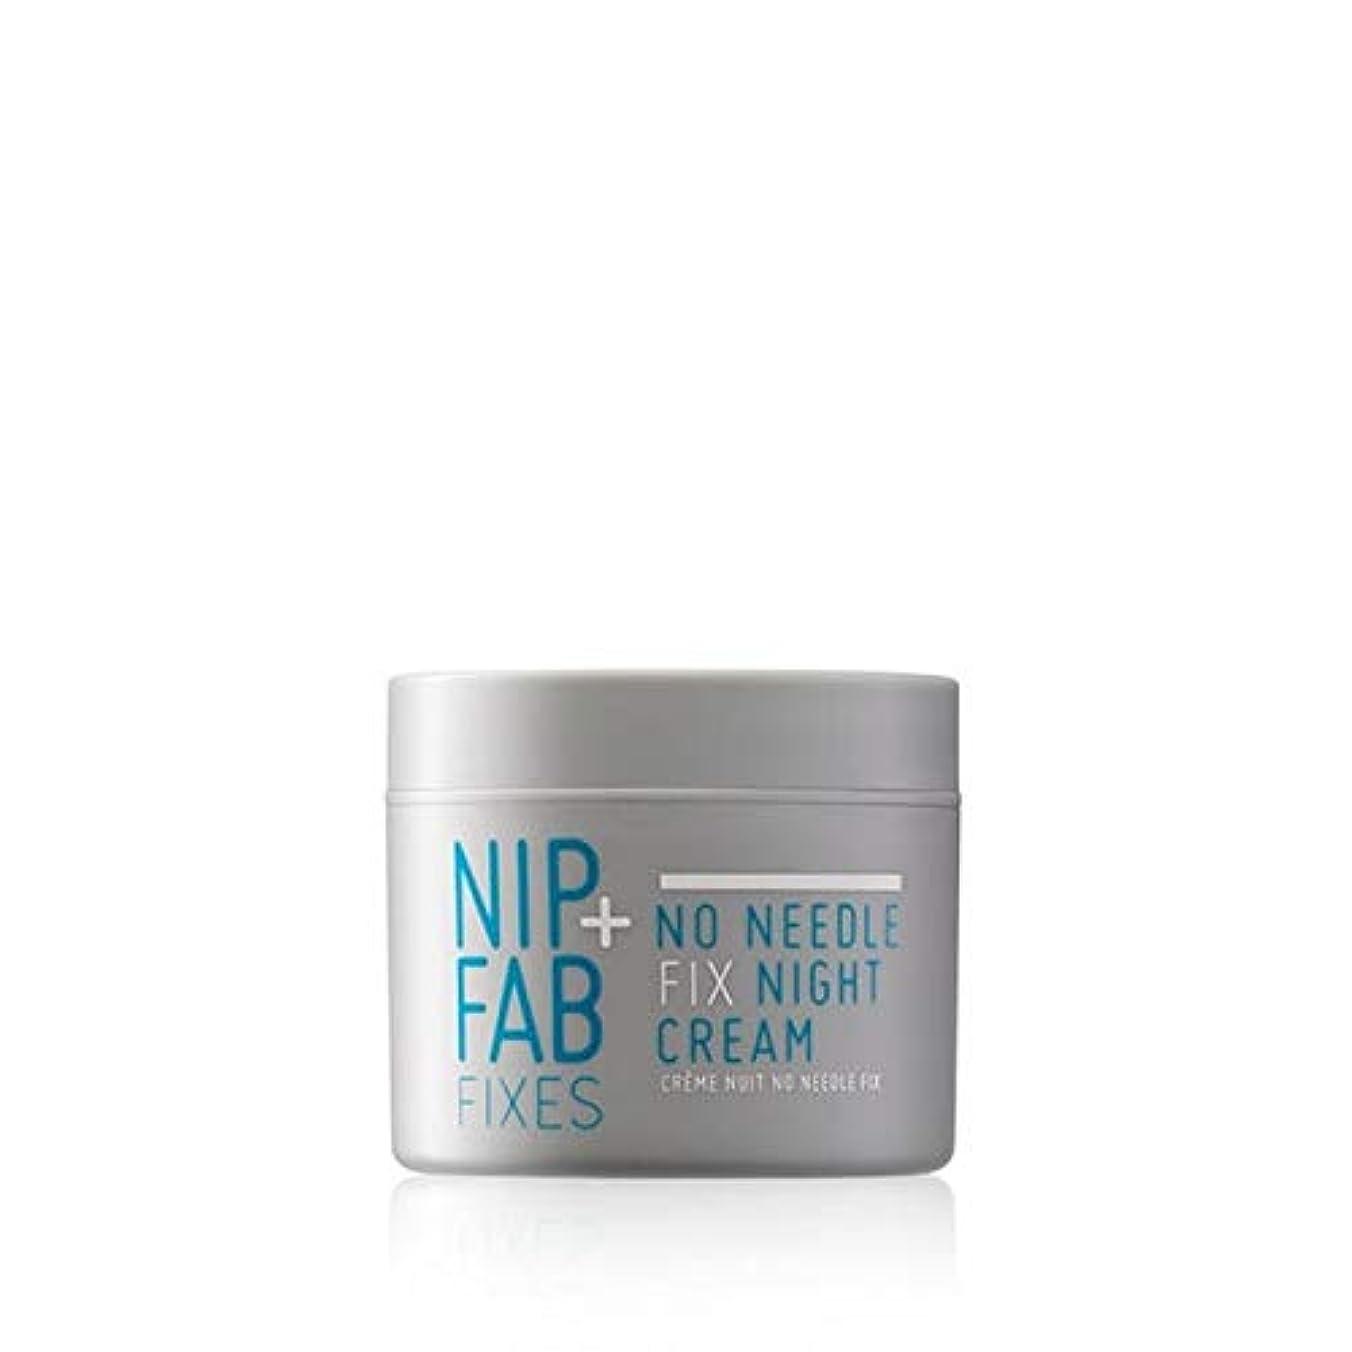 気質汗靴下[Nip & Fab ] 何針修正ナイトクリームをファブない+ニップ - Nip+Fab No Needle Fix Night Cream [並行輸入品]